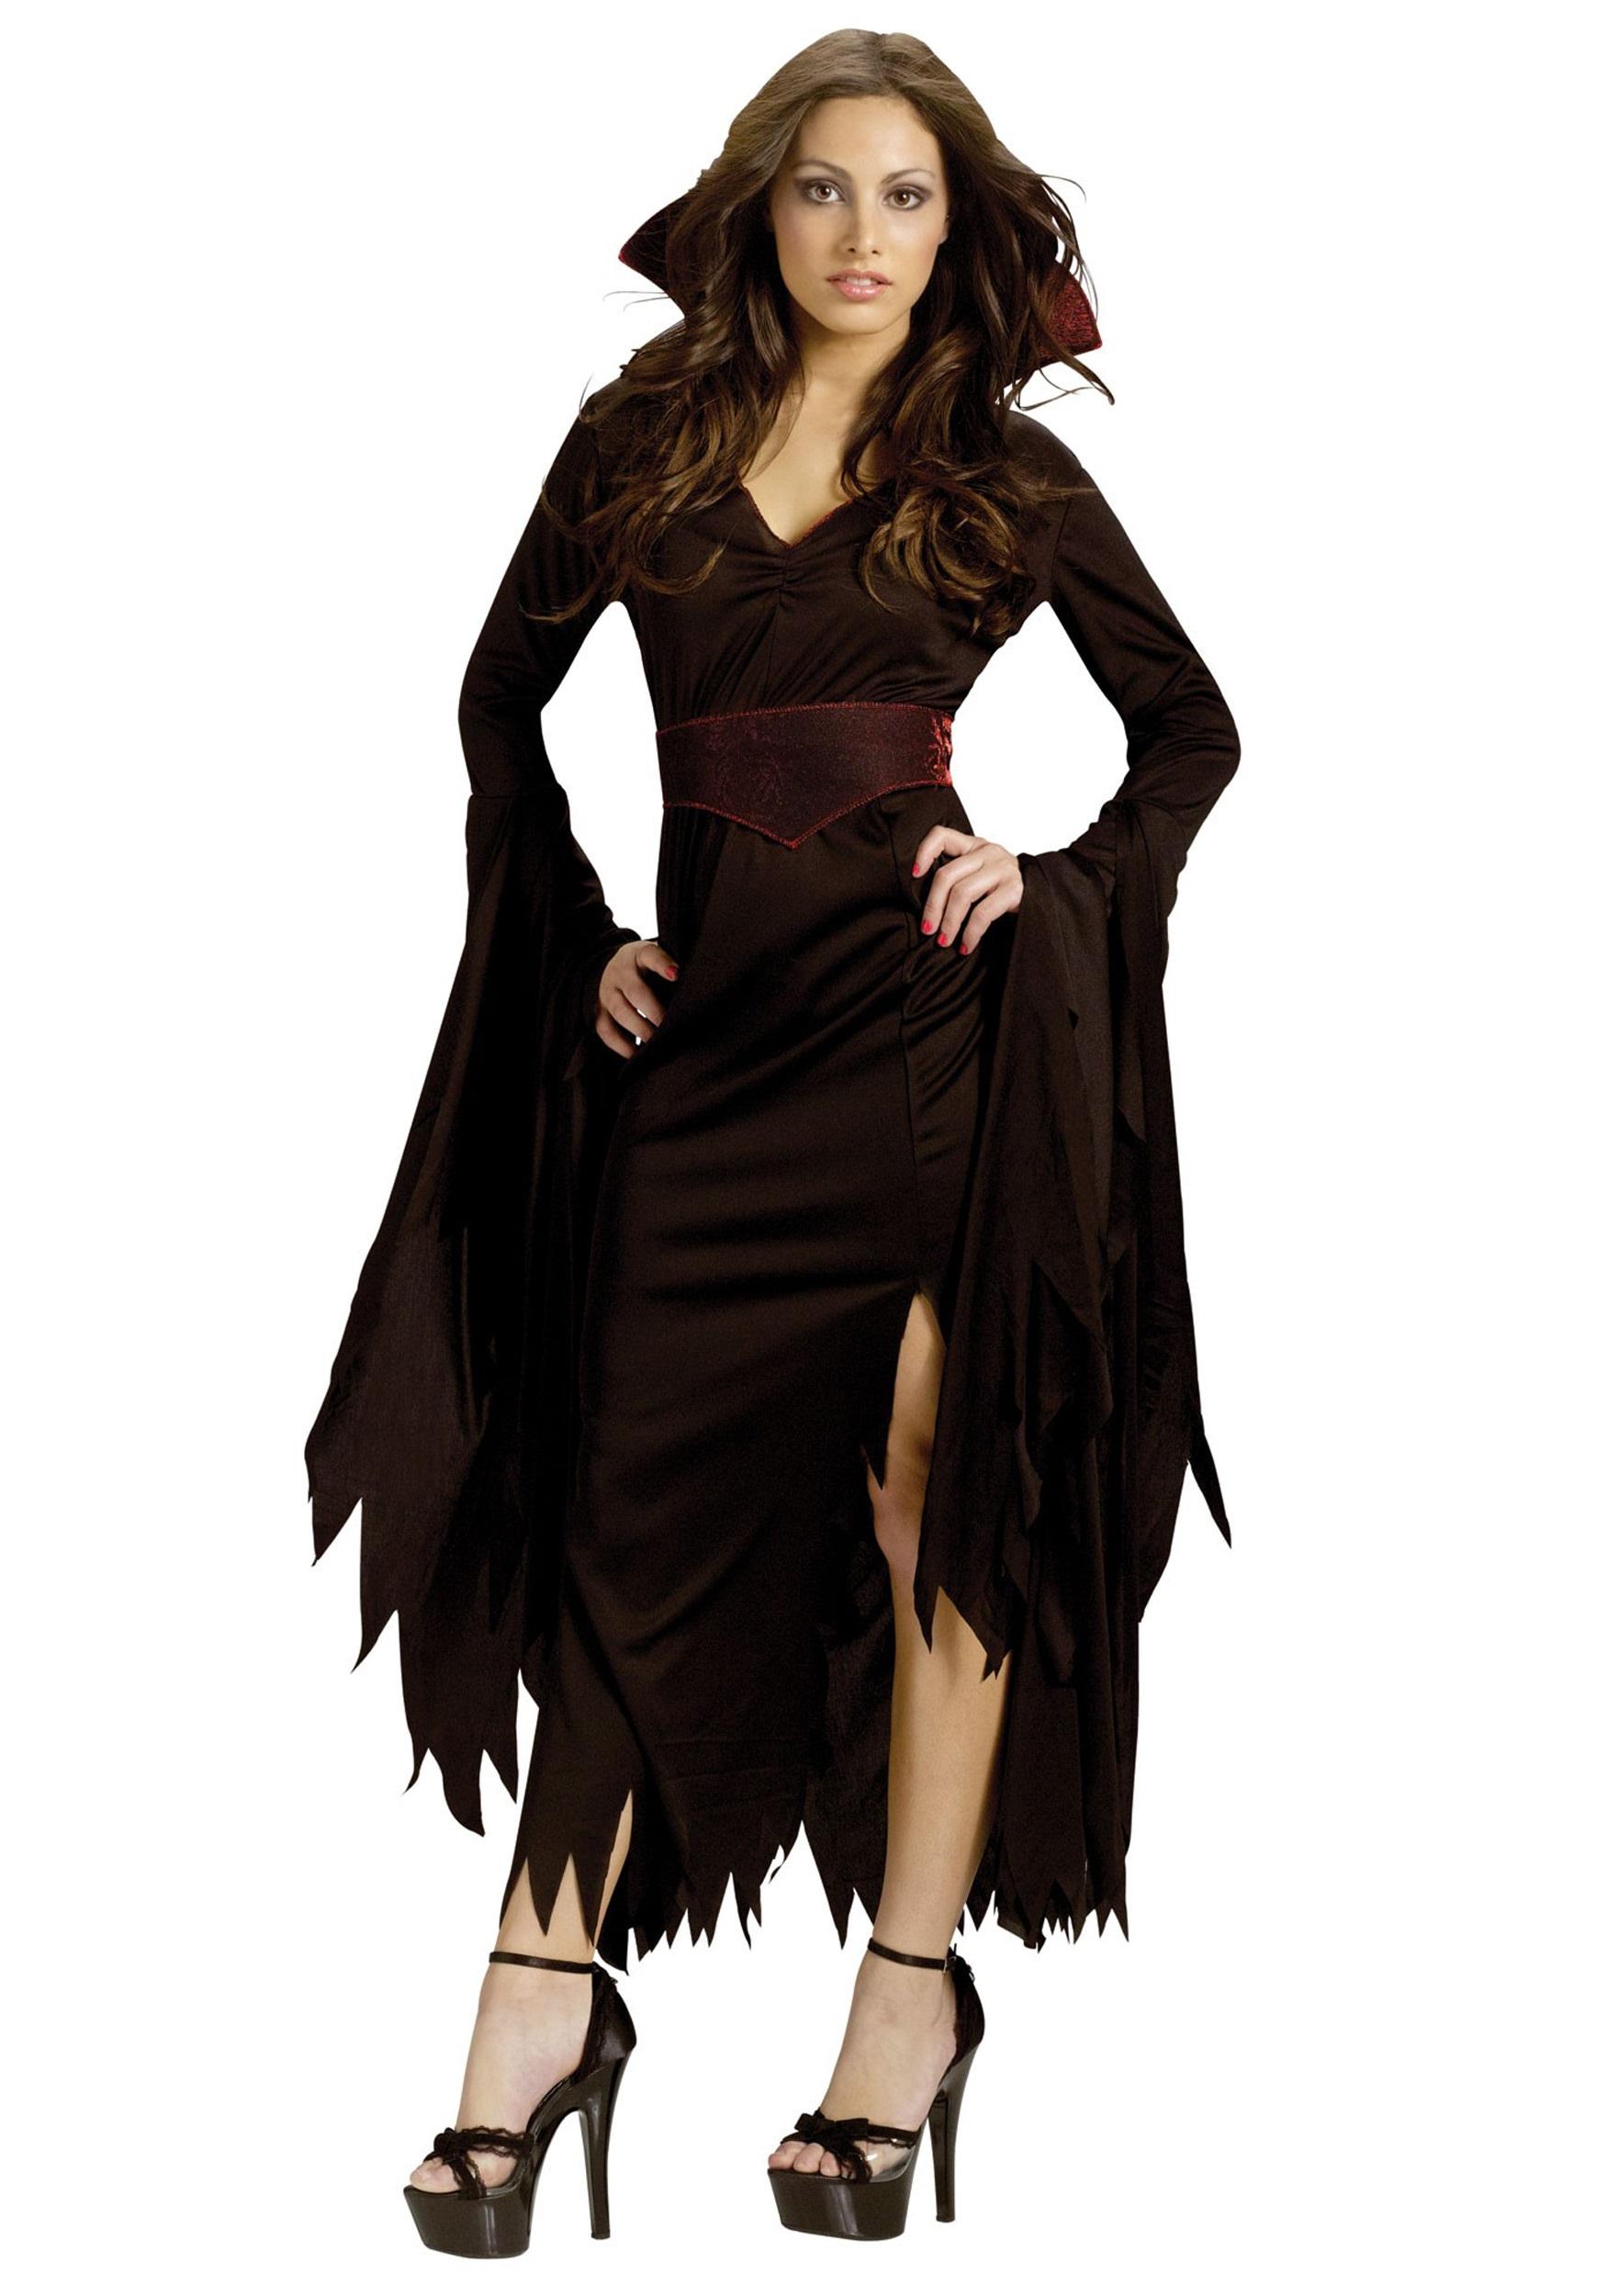 Women\'s Gothic Vamp Costume